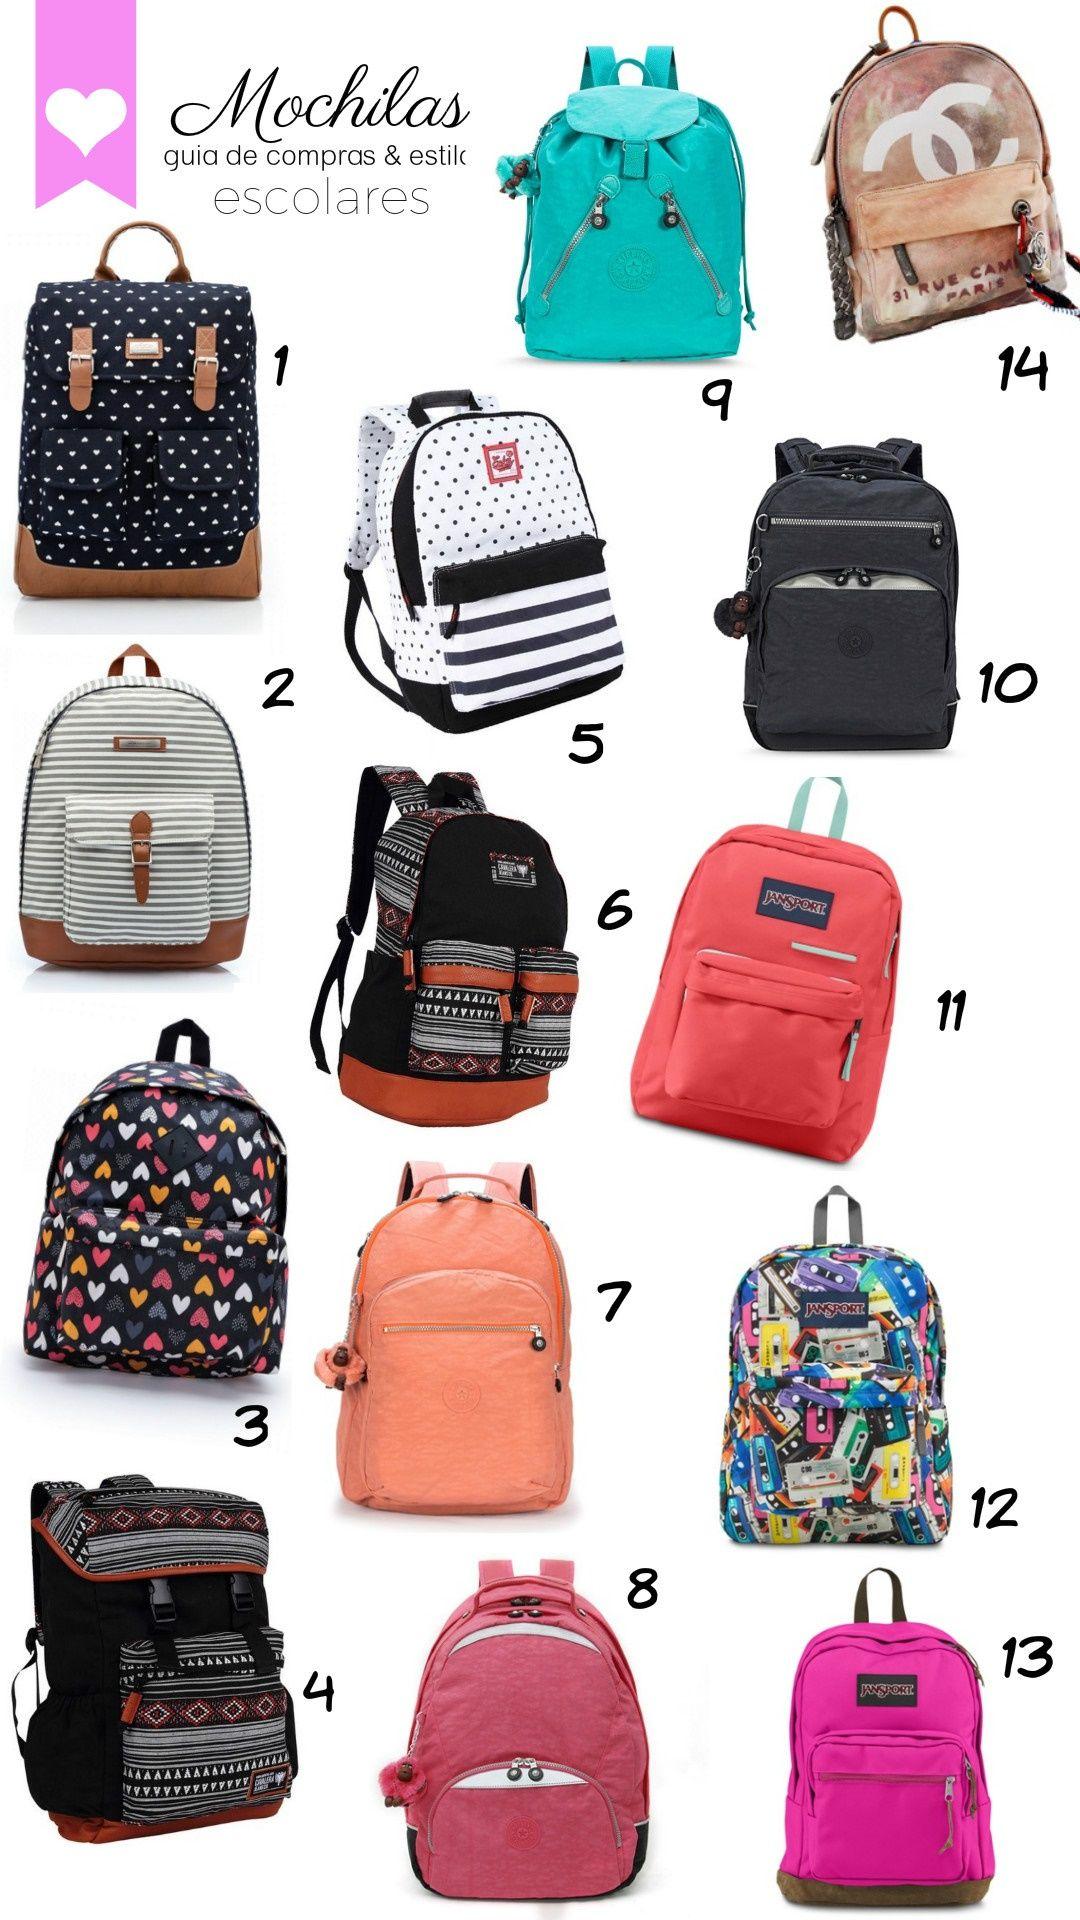 3a16e9804ad00 Comprar mochilas não é uma tarefa simples. Vários itens devem ser levados  em conta, principalmente se tratando de bolsas femininas, em que carregamos  uma ...